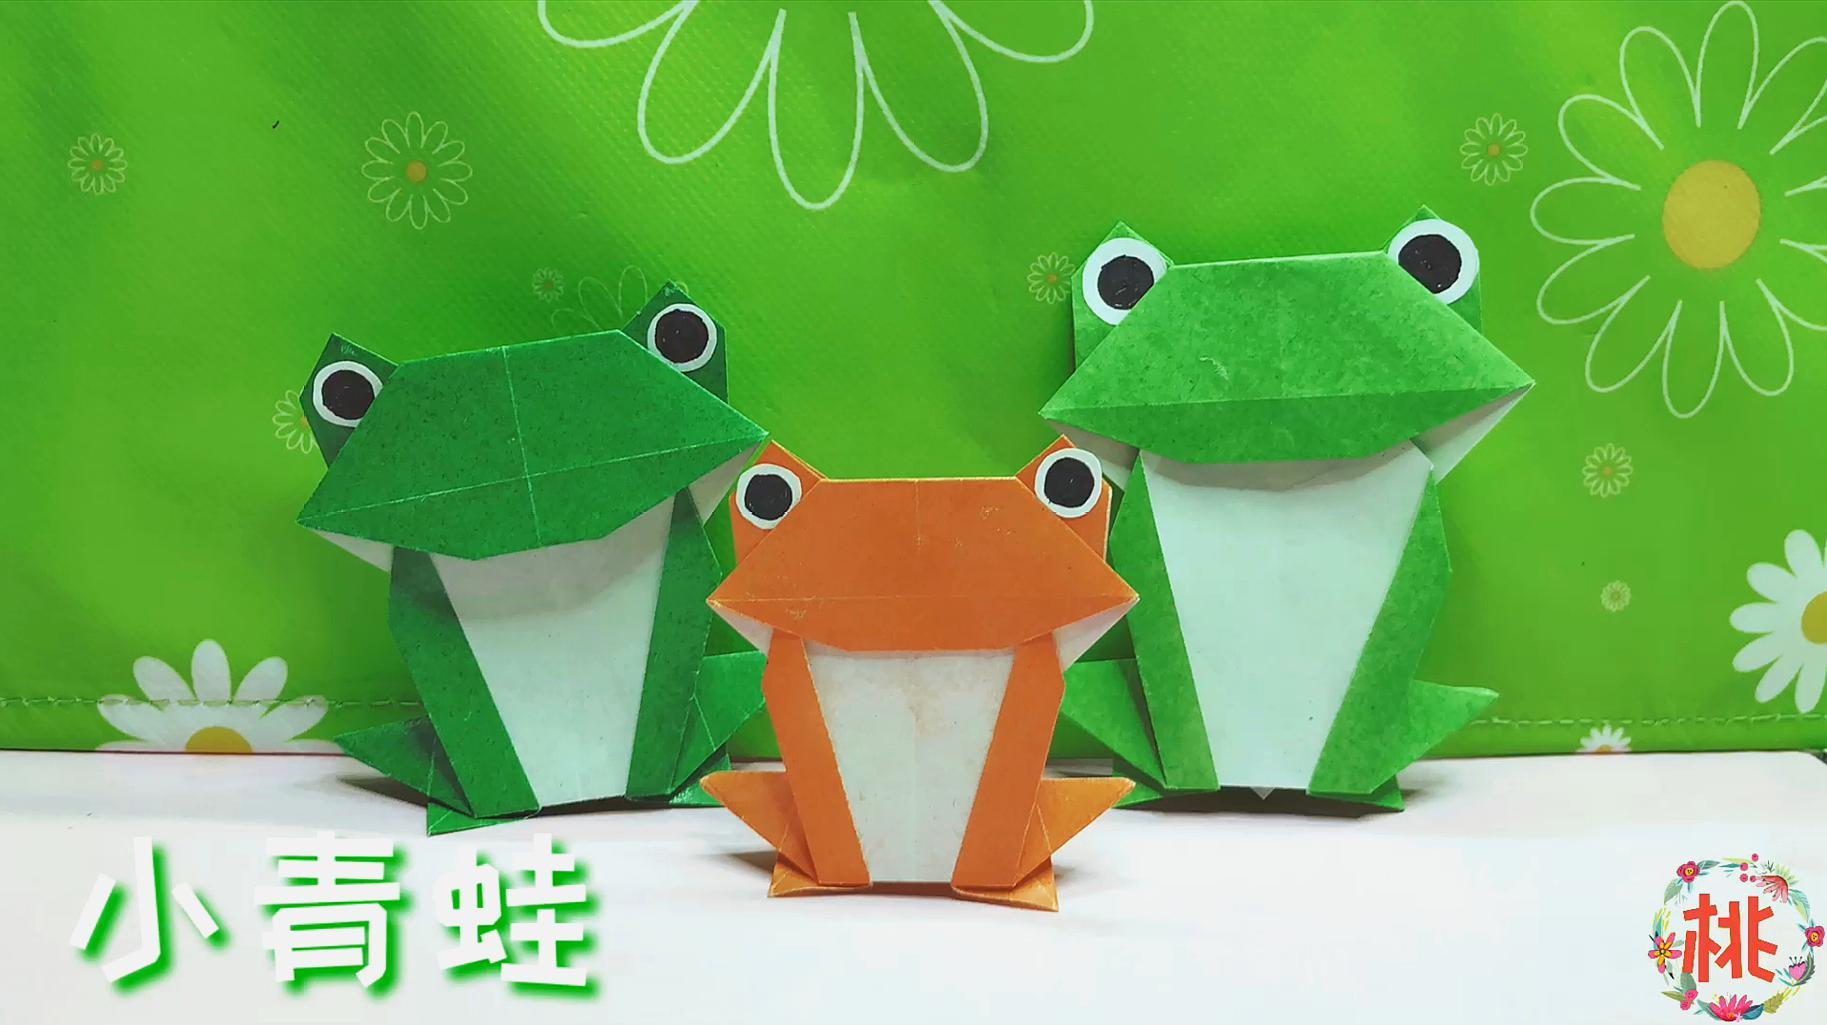 简单又好看的折纸青蛙,很适合幼儿园小朋友的手工作业!